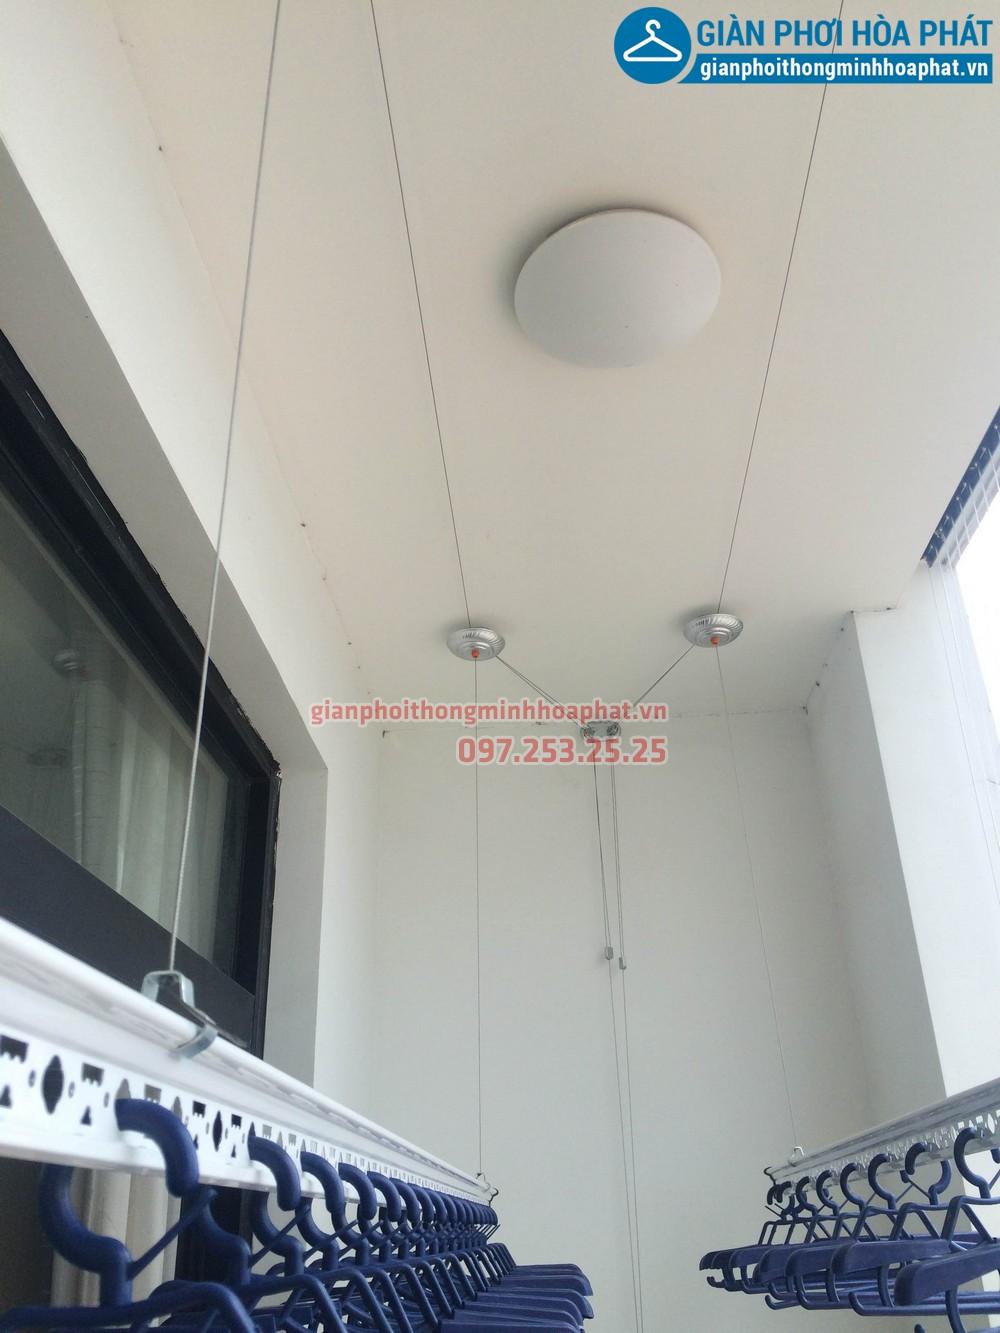 Chị Kỳ lắp giàn phơi thông minh và lưới bảo vệ nhà R4-1206 Royal city 01